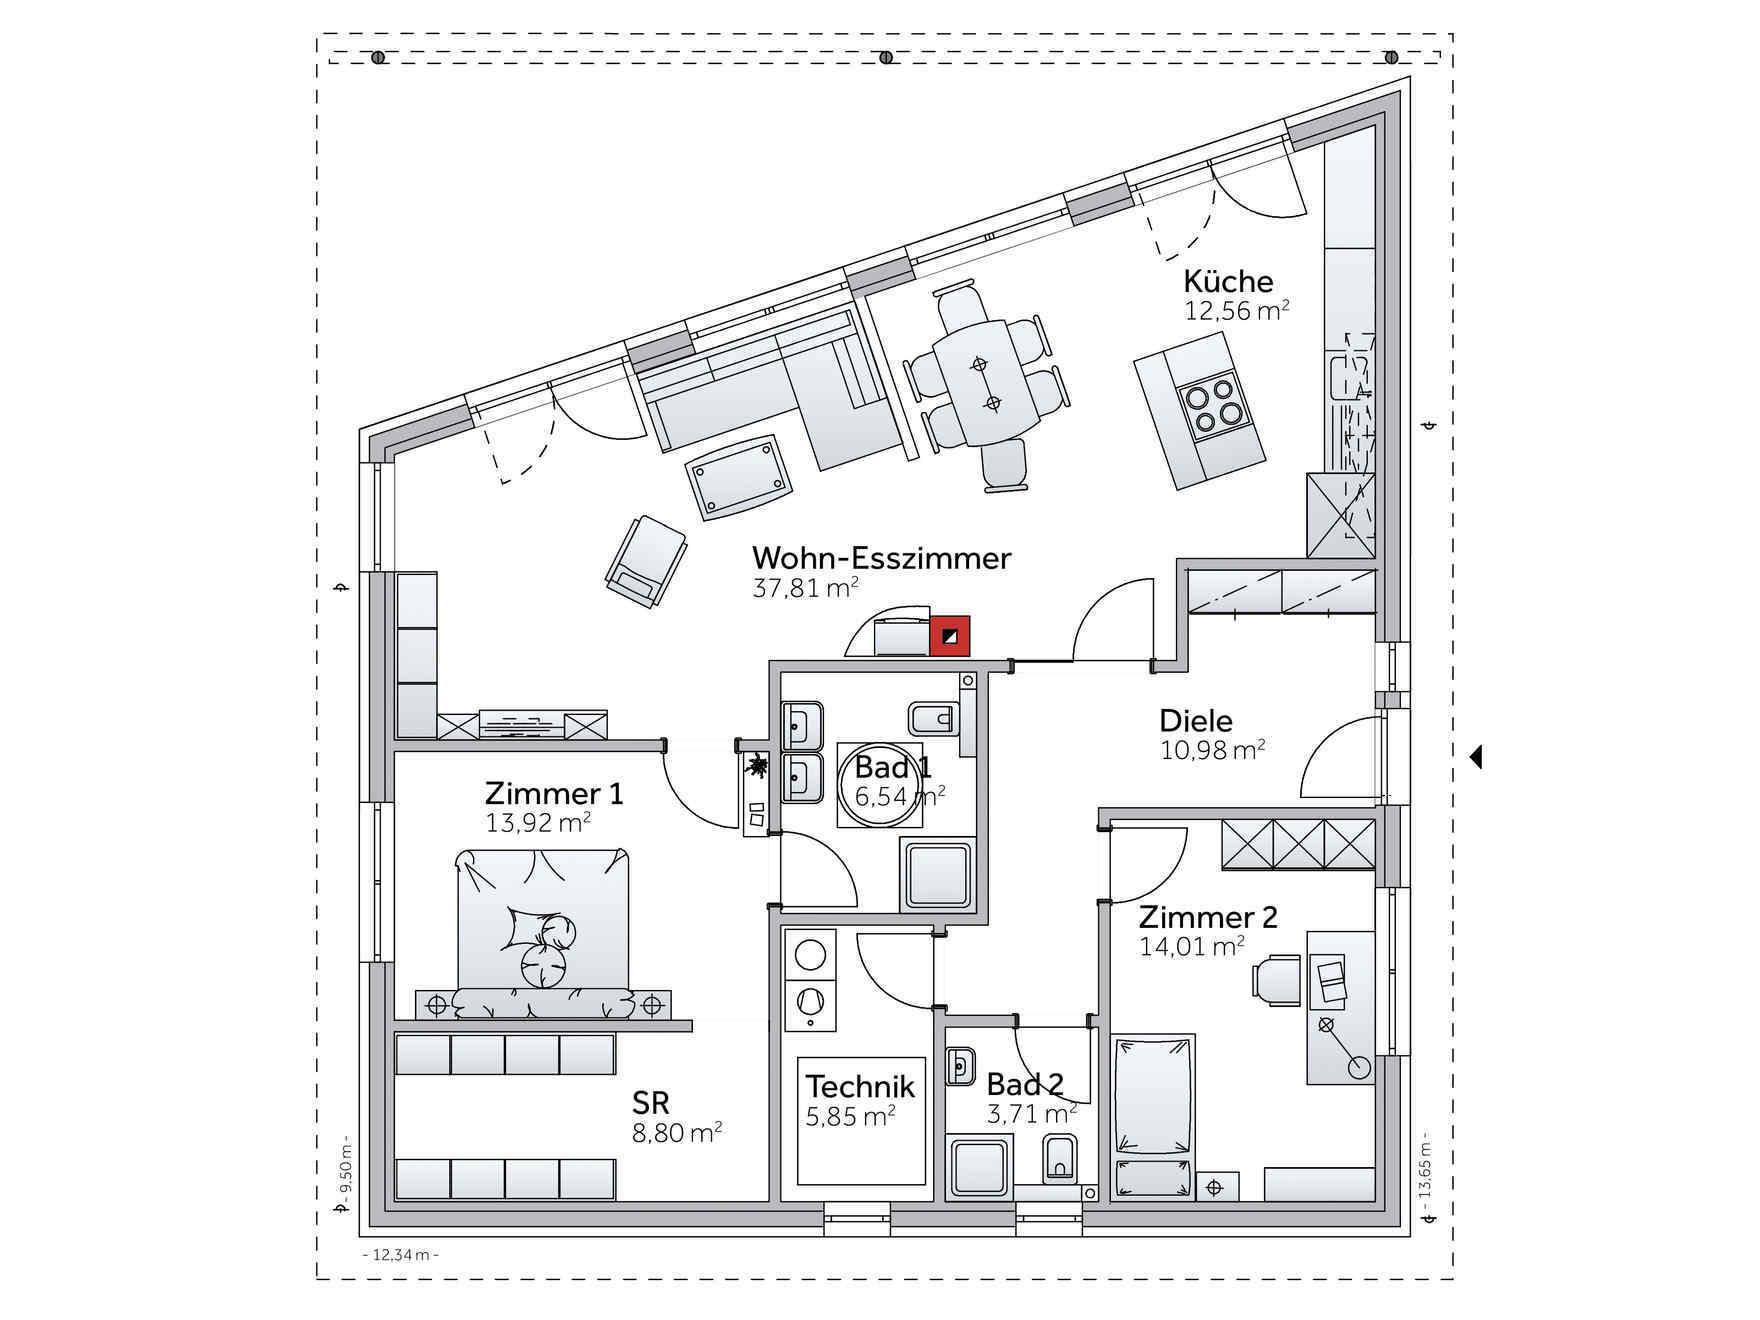 Grundriss Zeichnen Online Bungalow Mit Individuellem Bungalow Grundriss Gestalten